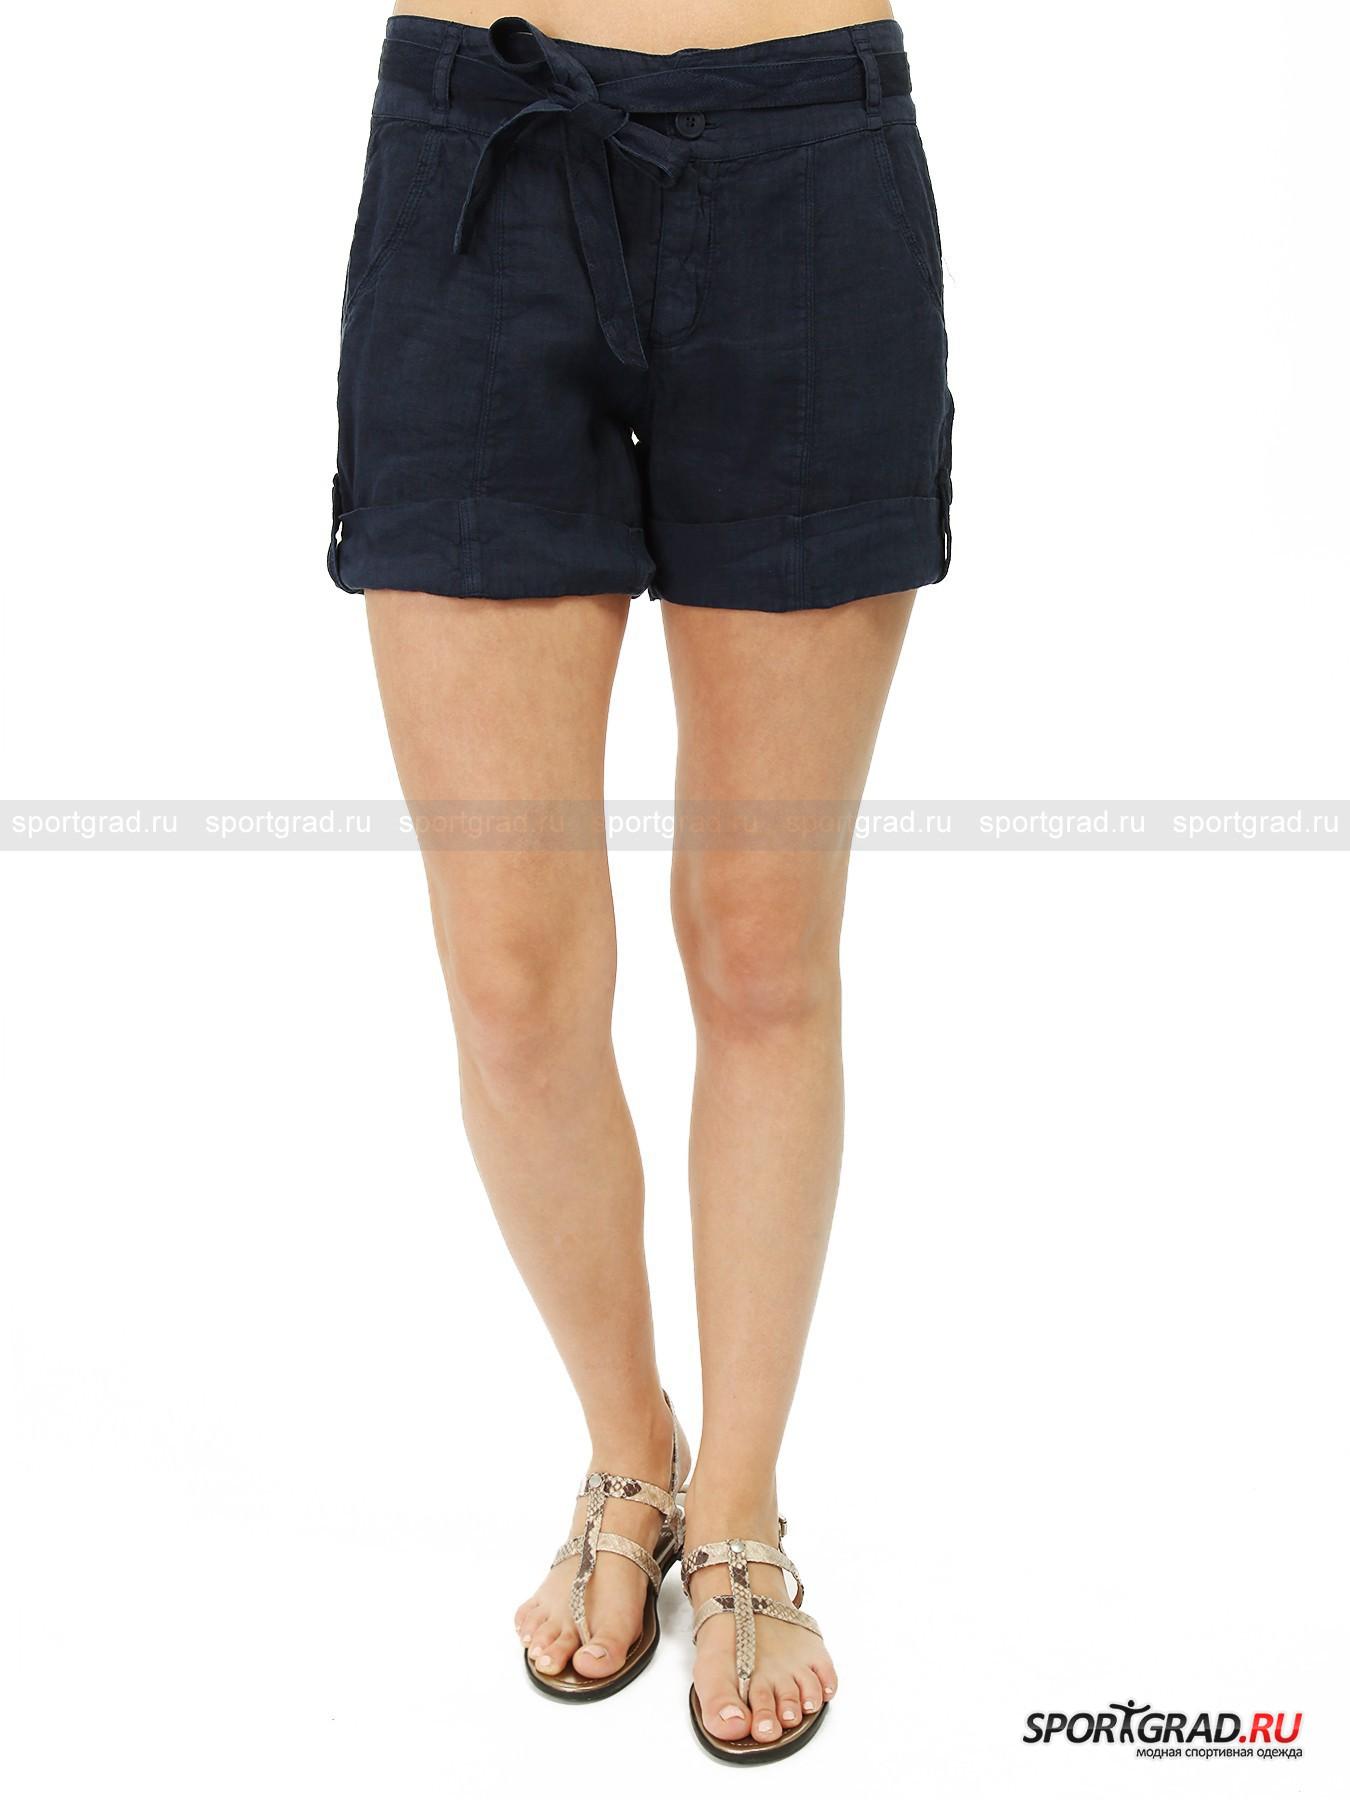 Шорты Shorts DEHAШорты, Велосипедки<br>Симпатичные шорты от Deha пошиты из льняной ткани, что делает их идеальным выбором для жаркой погоды. Лен позволяет коже «дышать» и приятен к телу, тонкий и легкий материал превосходно вписывается в воздушный летний образ.<br><br>Особенности модели:<br>- застежка-молния и две пуговицы;<br>- два кармана по бокам и два сзади;<br>- кокетка на пояснице;<br>- пояс с завязками;<br>- отвороты на пуговицах (можно отогнуть);<br>- вертикальные швы, зрительно стройнящие ноги.<br><br>Пол: Женский<br>Возраст: Взрослый<br>Тип: Шорты, Велосипедки<br>Рекомендации по уходу: стирка в теплой воде до 40 С; не отбеливать; гладить при средней температуре; химическая чистка сухим способом; нельзя выжимать и сушить в стиральной машине<br>Состав: 100% лен